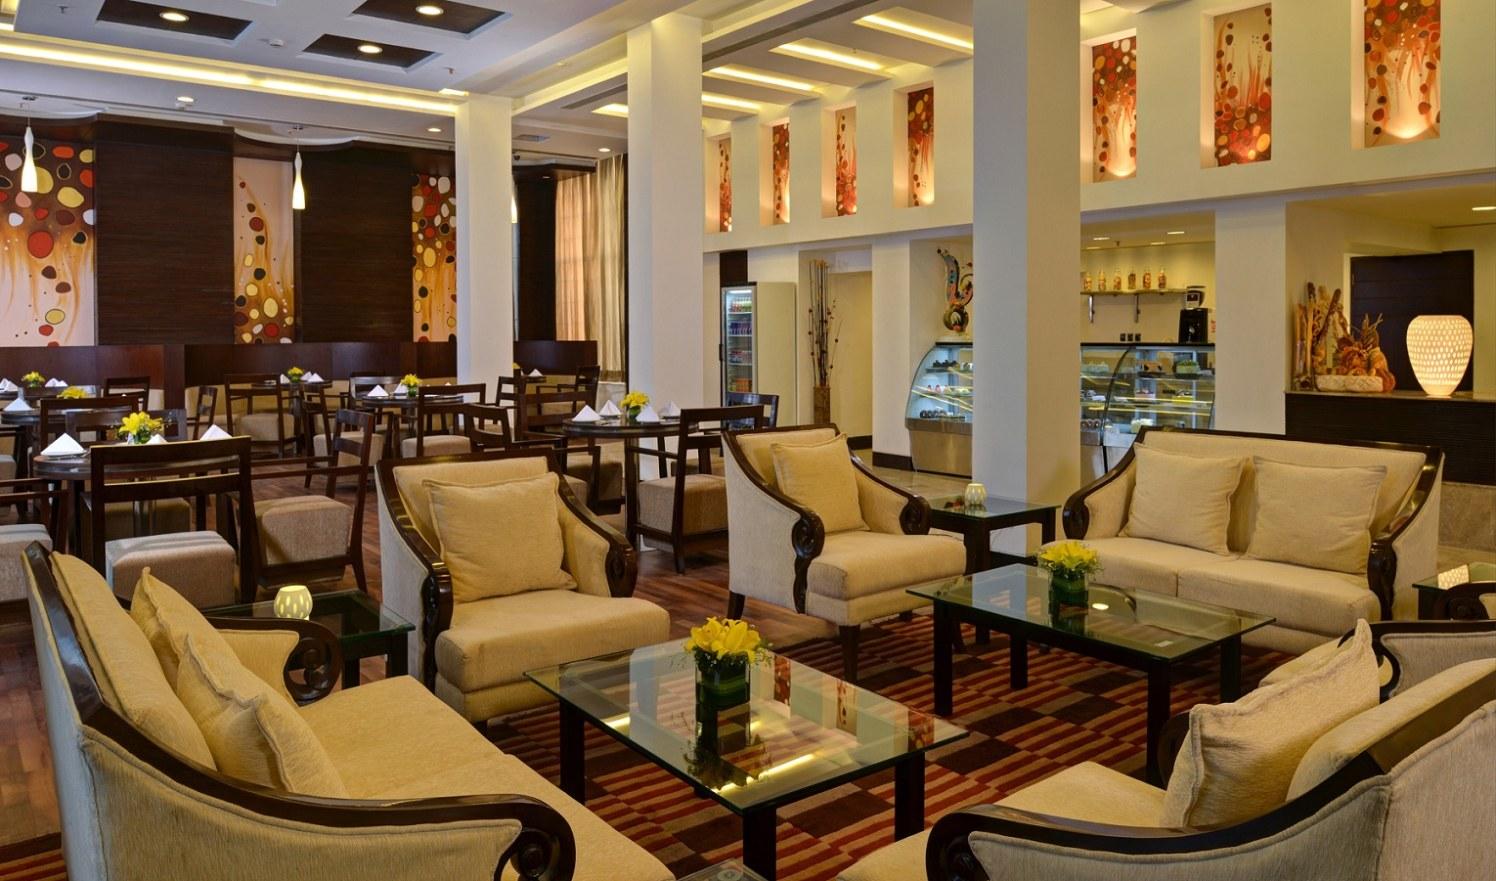 Fine Dine by shailendra m prasad  Contemporary | Interior Design Photos & Ideas